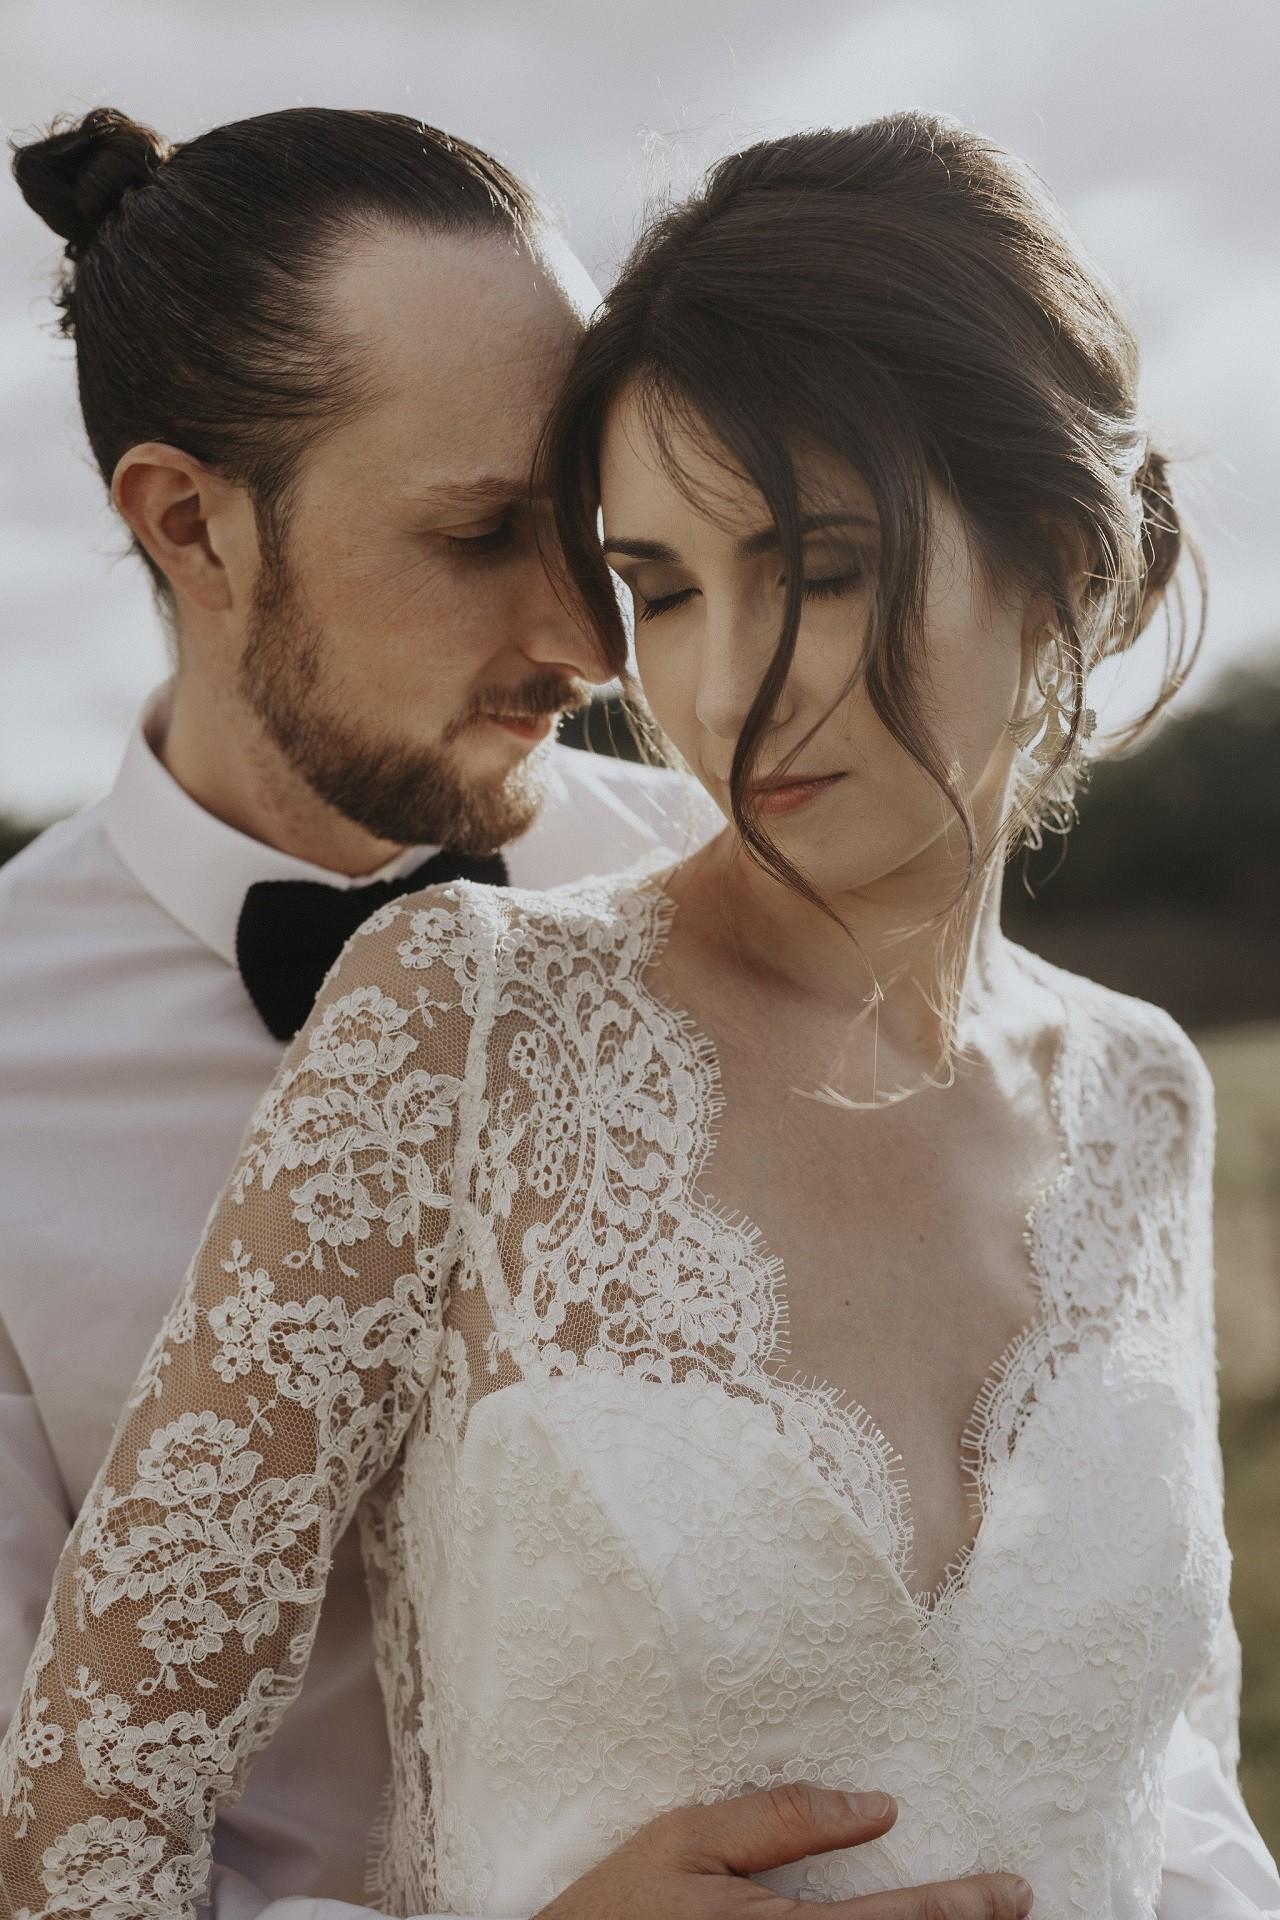 le temoignage de cecile qui a préférée une robe de mariée sur mesure plutôt qu'une robe choisie en boutique classique